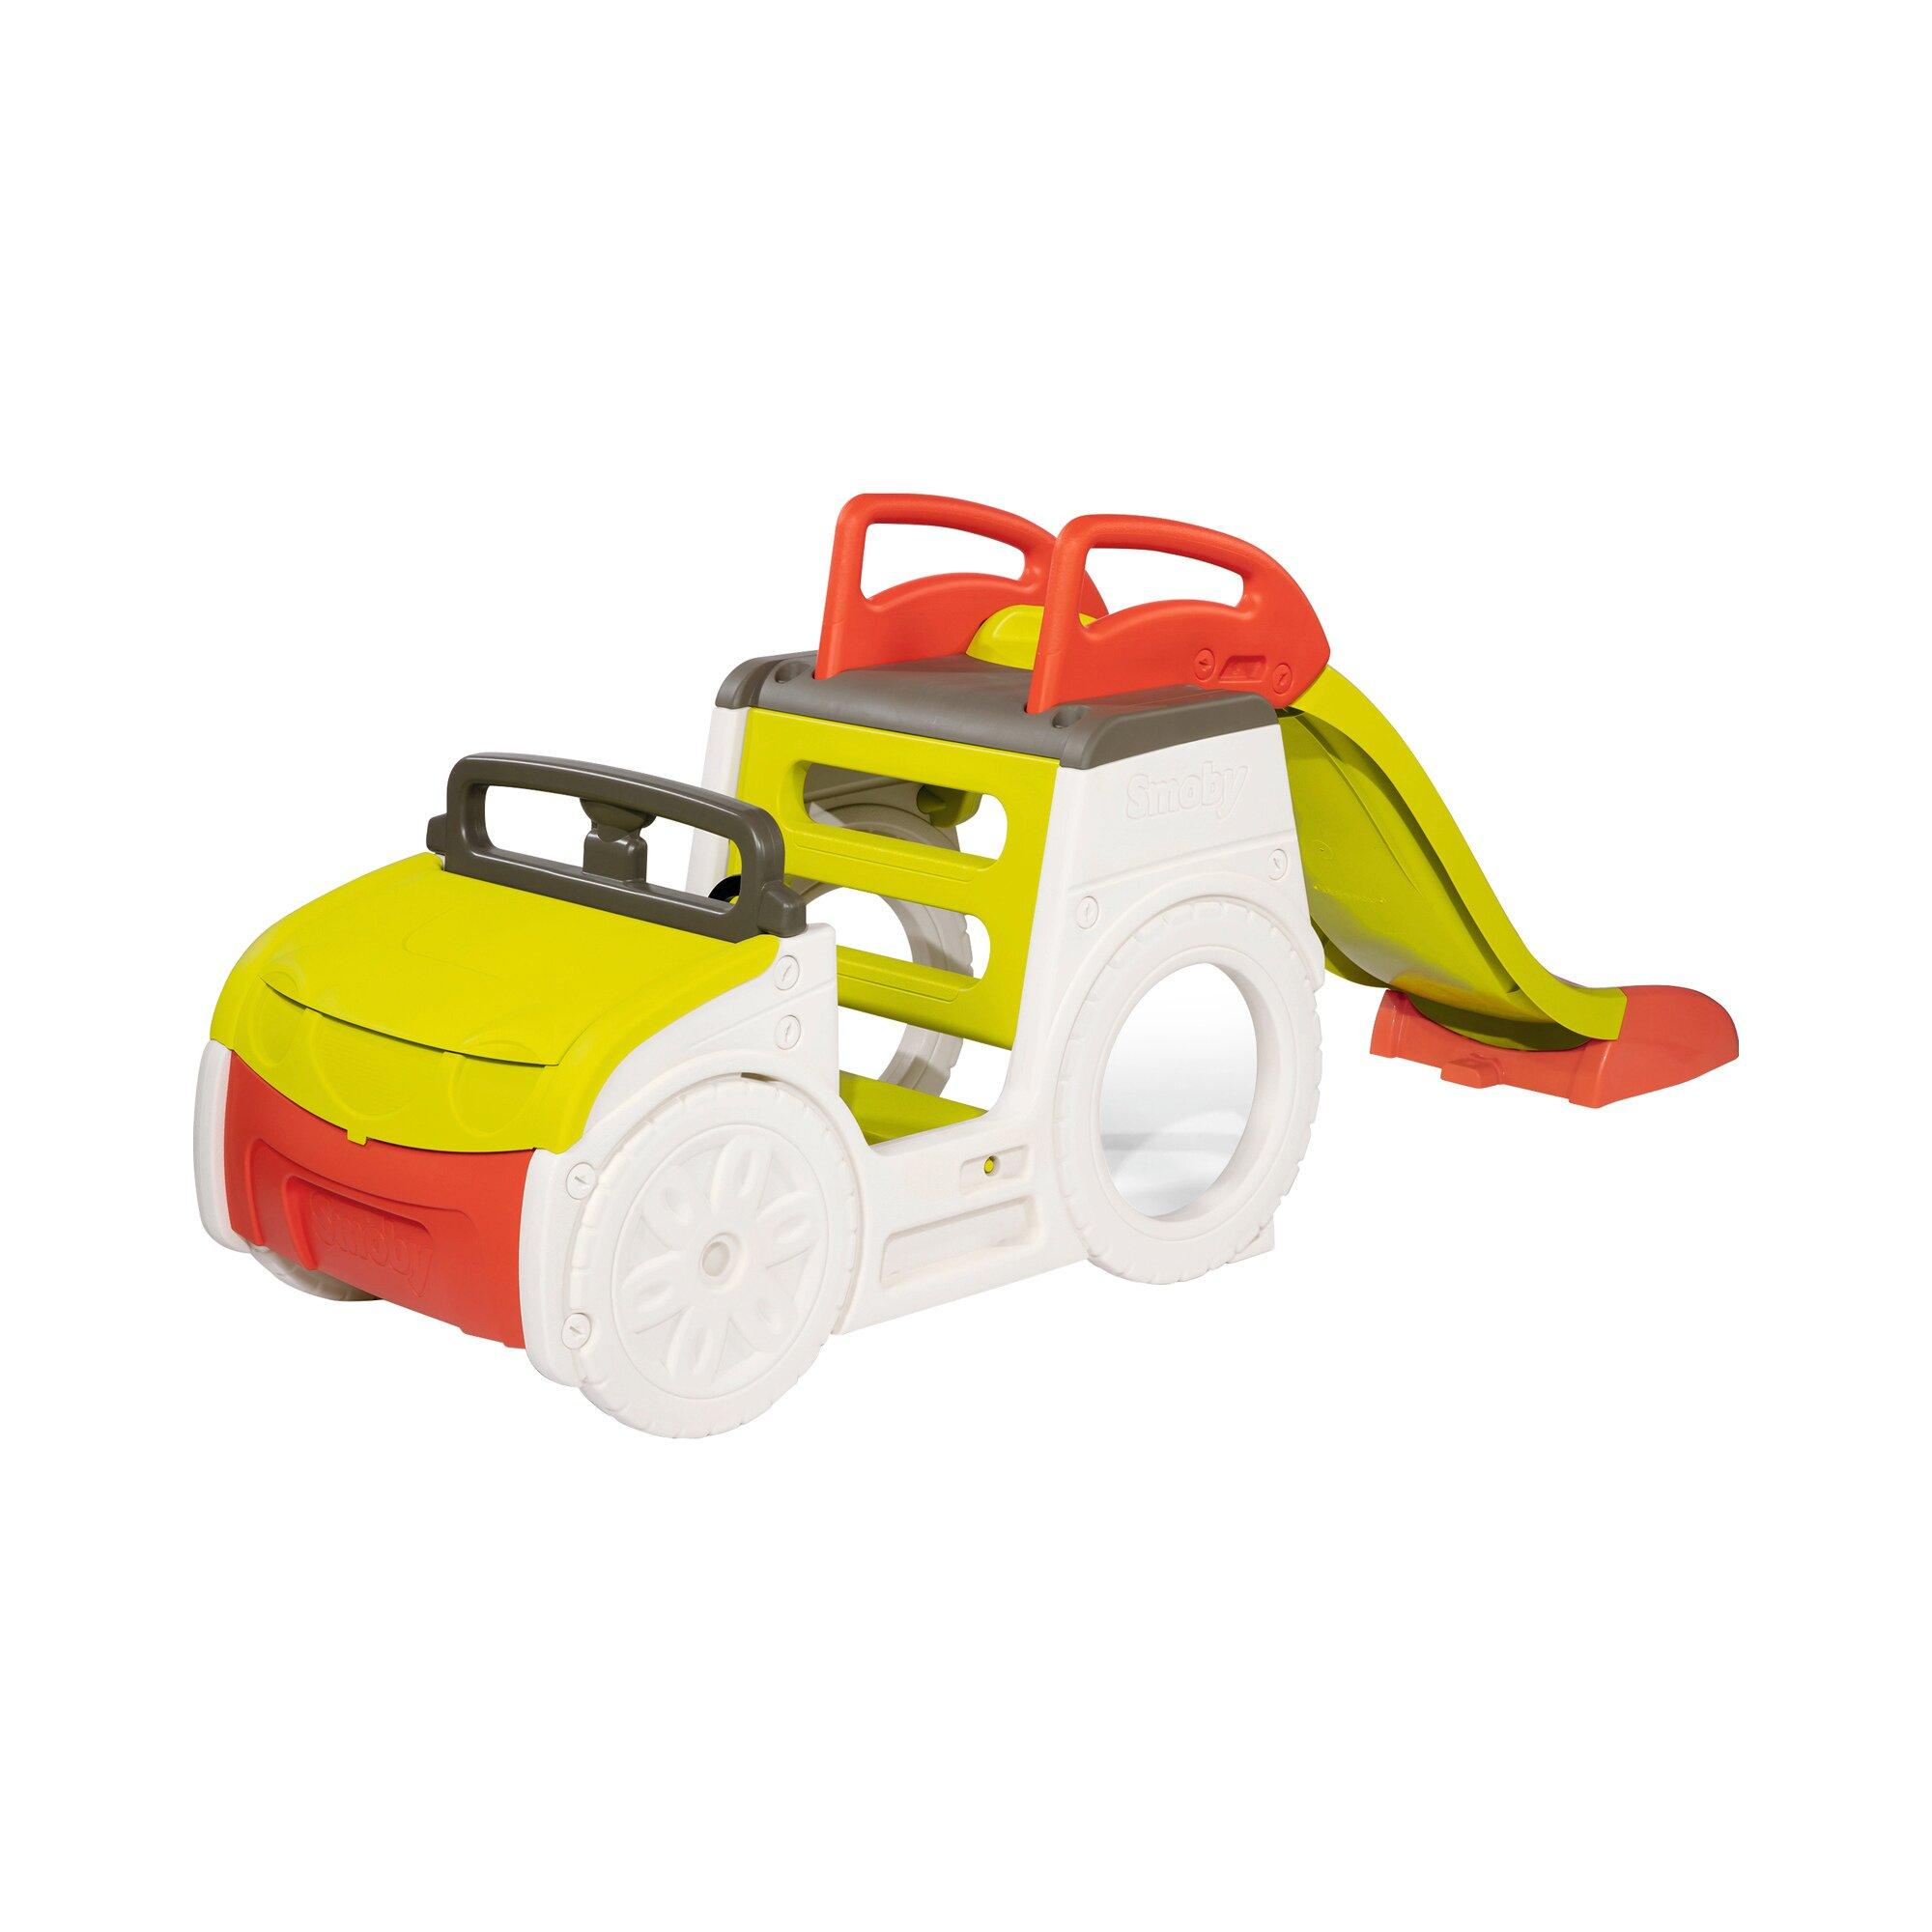 Abenteuer-Spielauto mit Rutsche